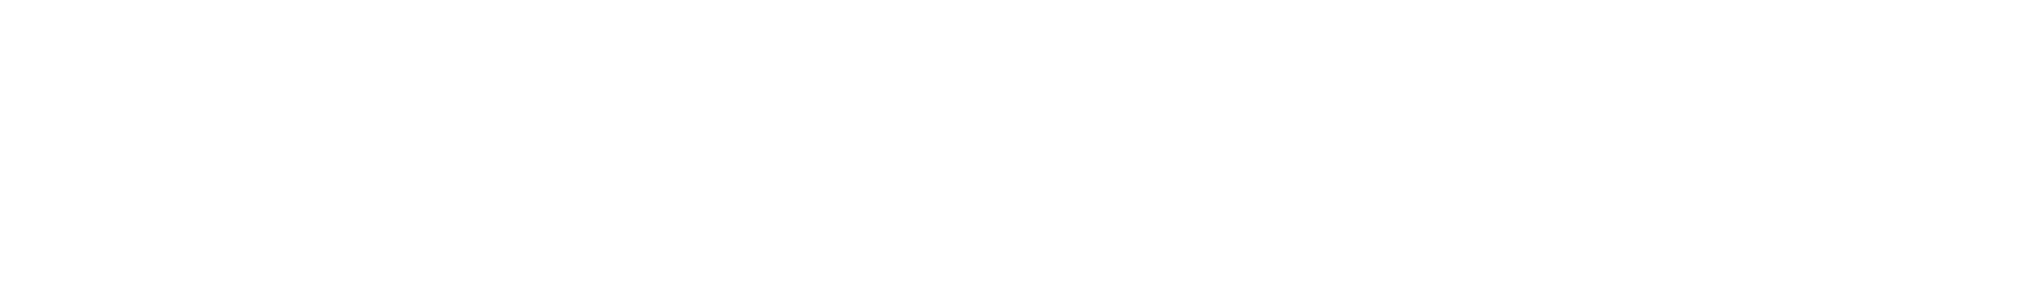 Visionary Logos-10.png